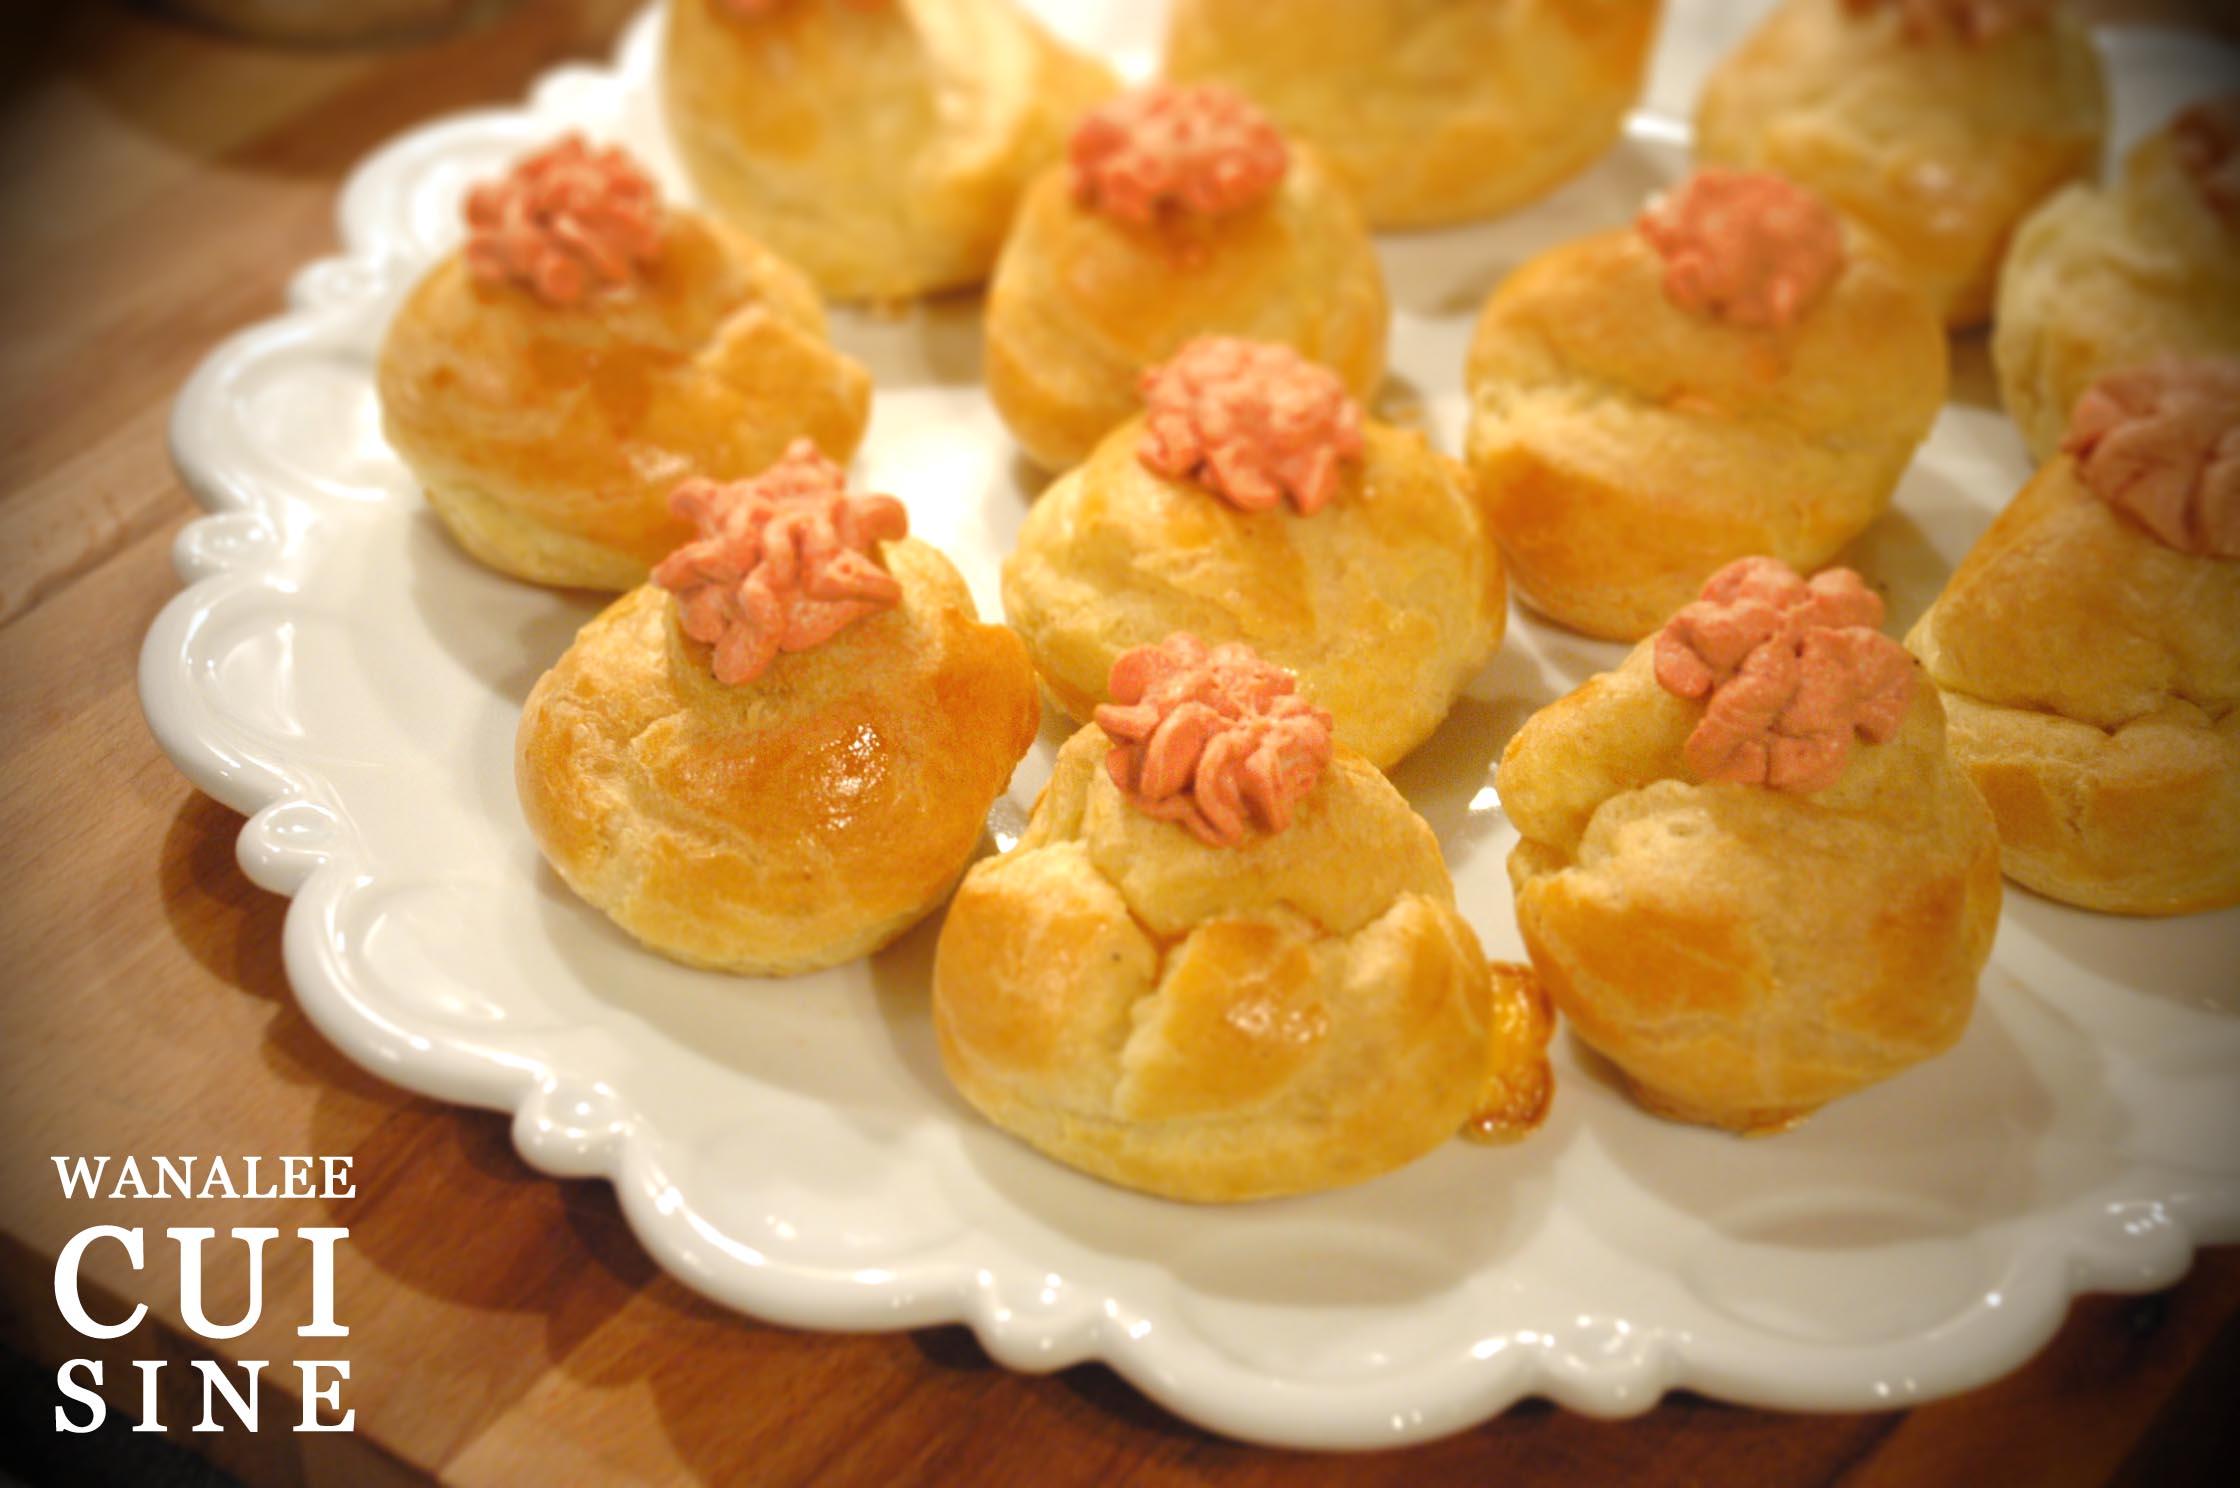 Petits choux au saumon fum wanalee cuisine for Hors d oeuvre avec saumon fume